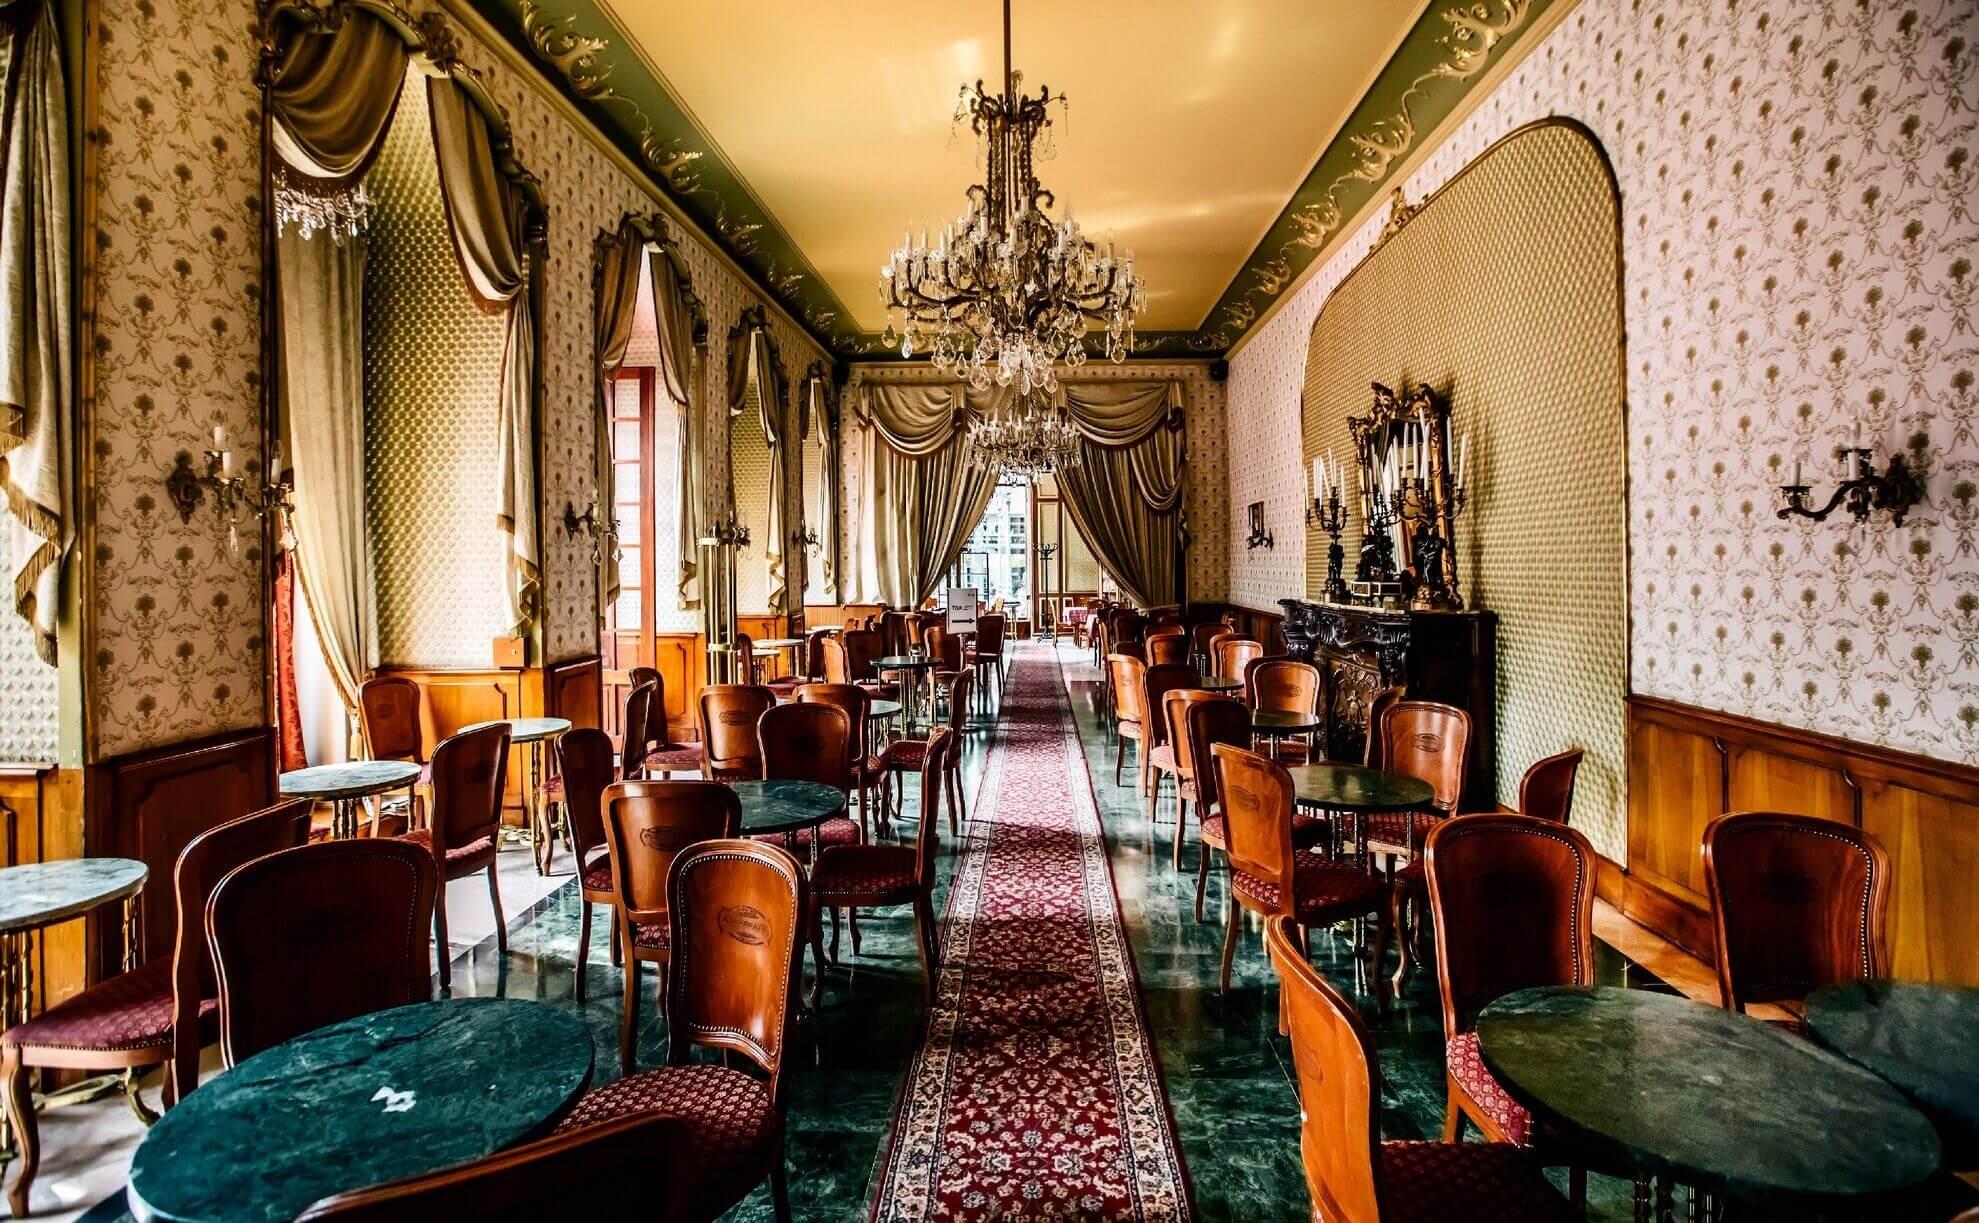 בית קפה ג'רבו בבודפשט הונגריה